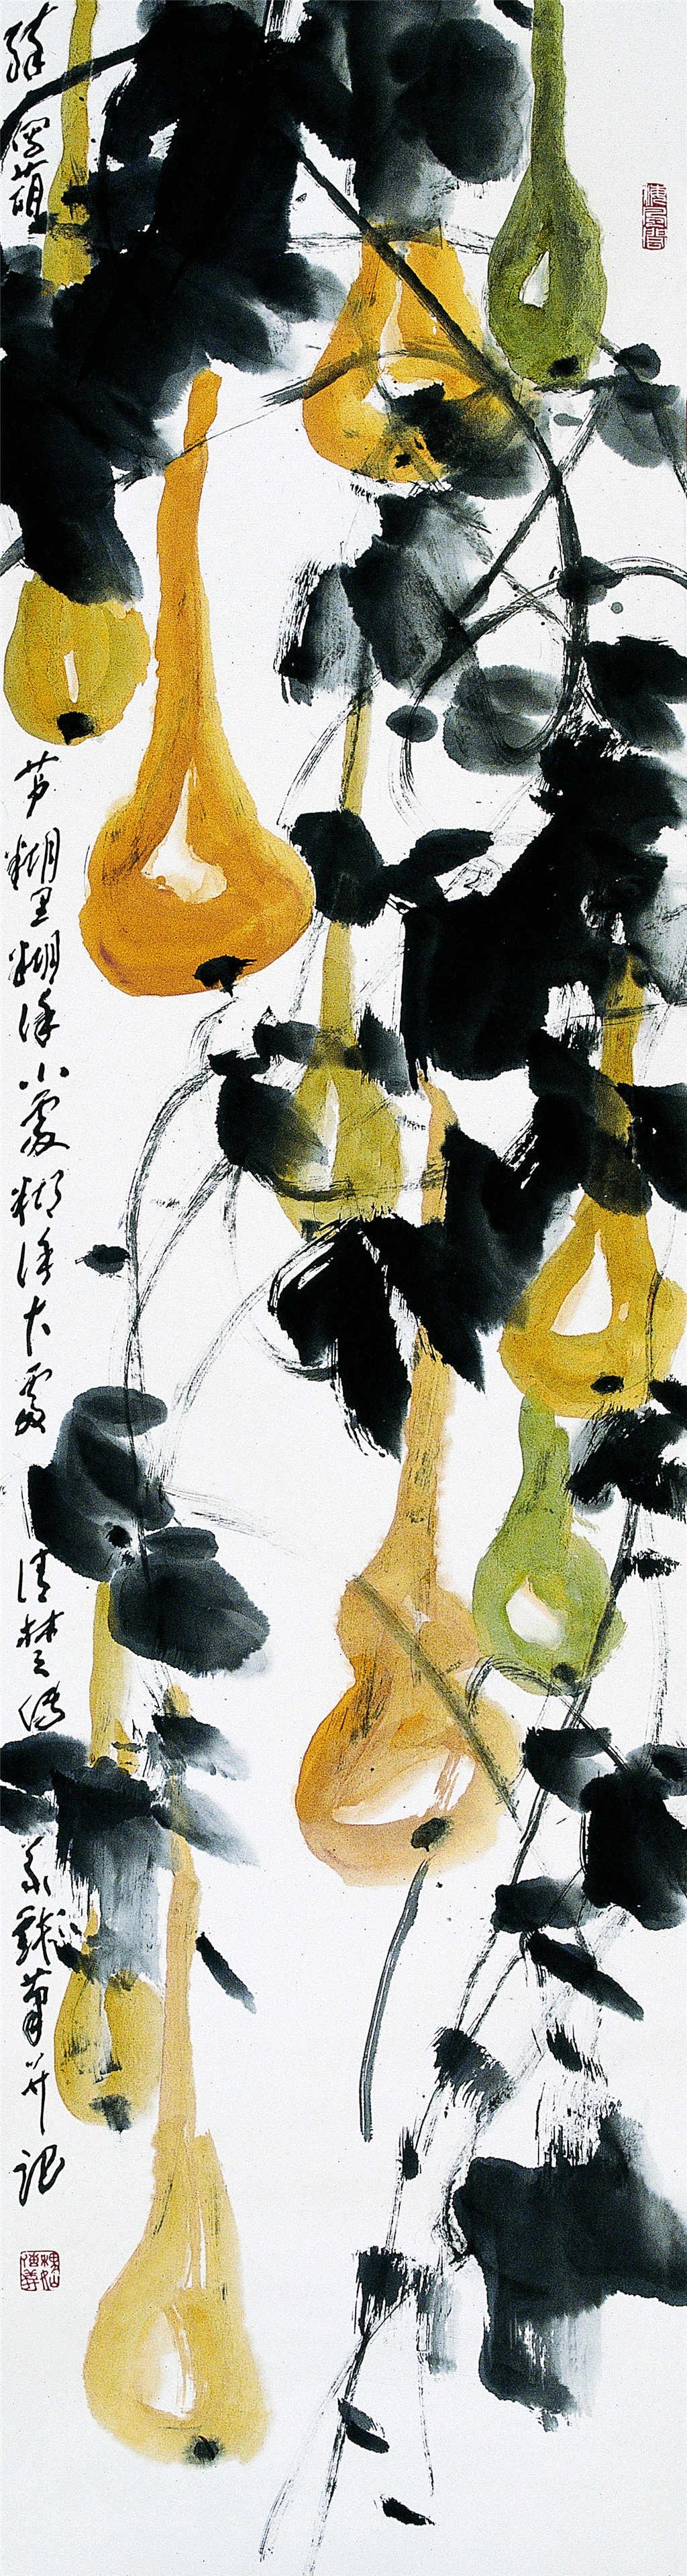 中国书画 国画 水墨画 > 五条屏-葫芦   编号:p02538 类别:水墨画